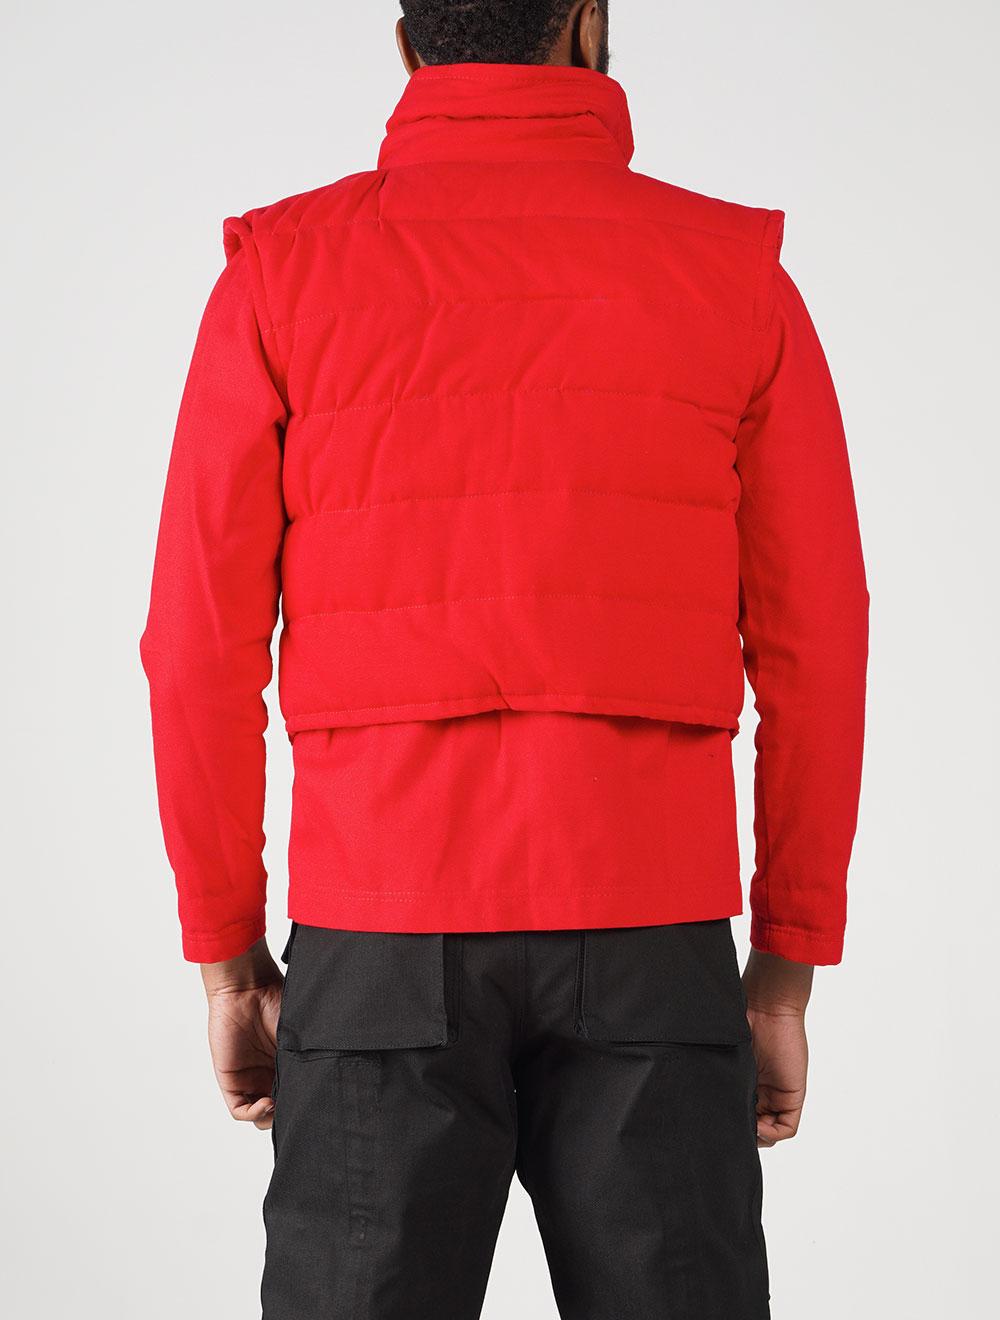 Uhambo Bomber jacket – Back